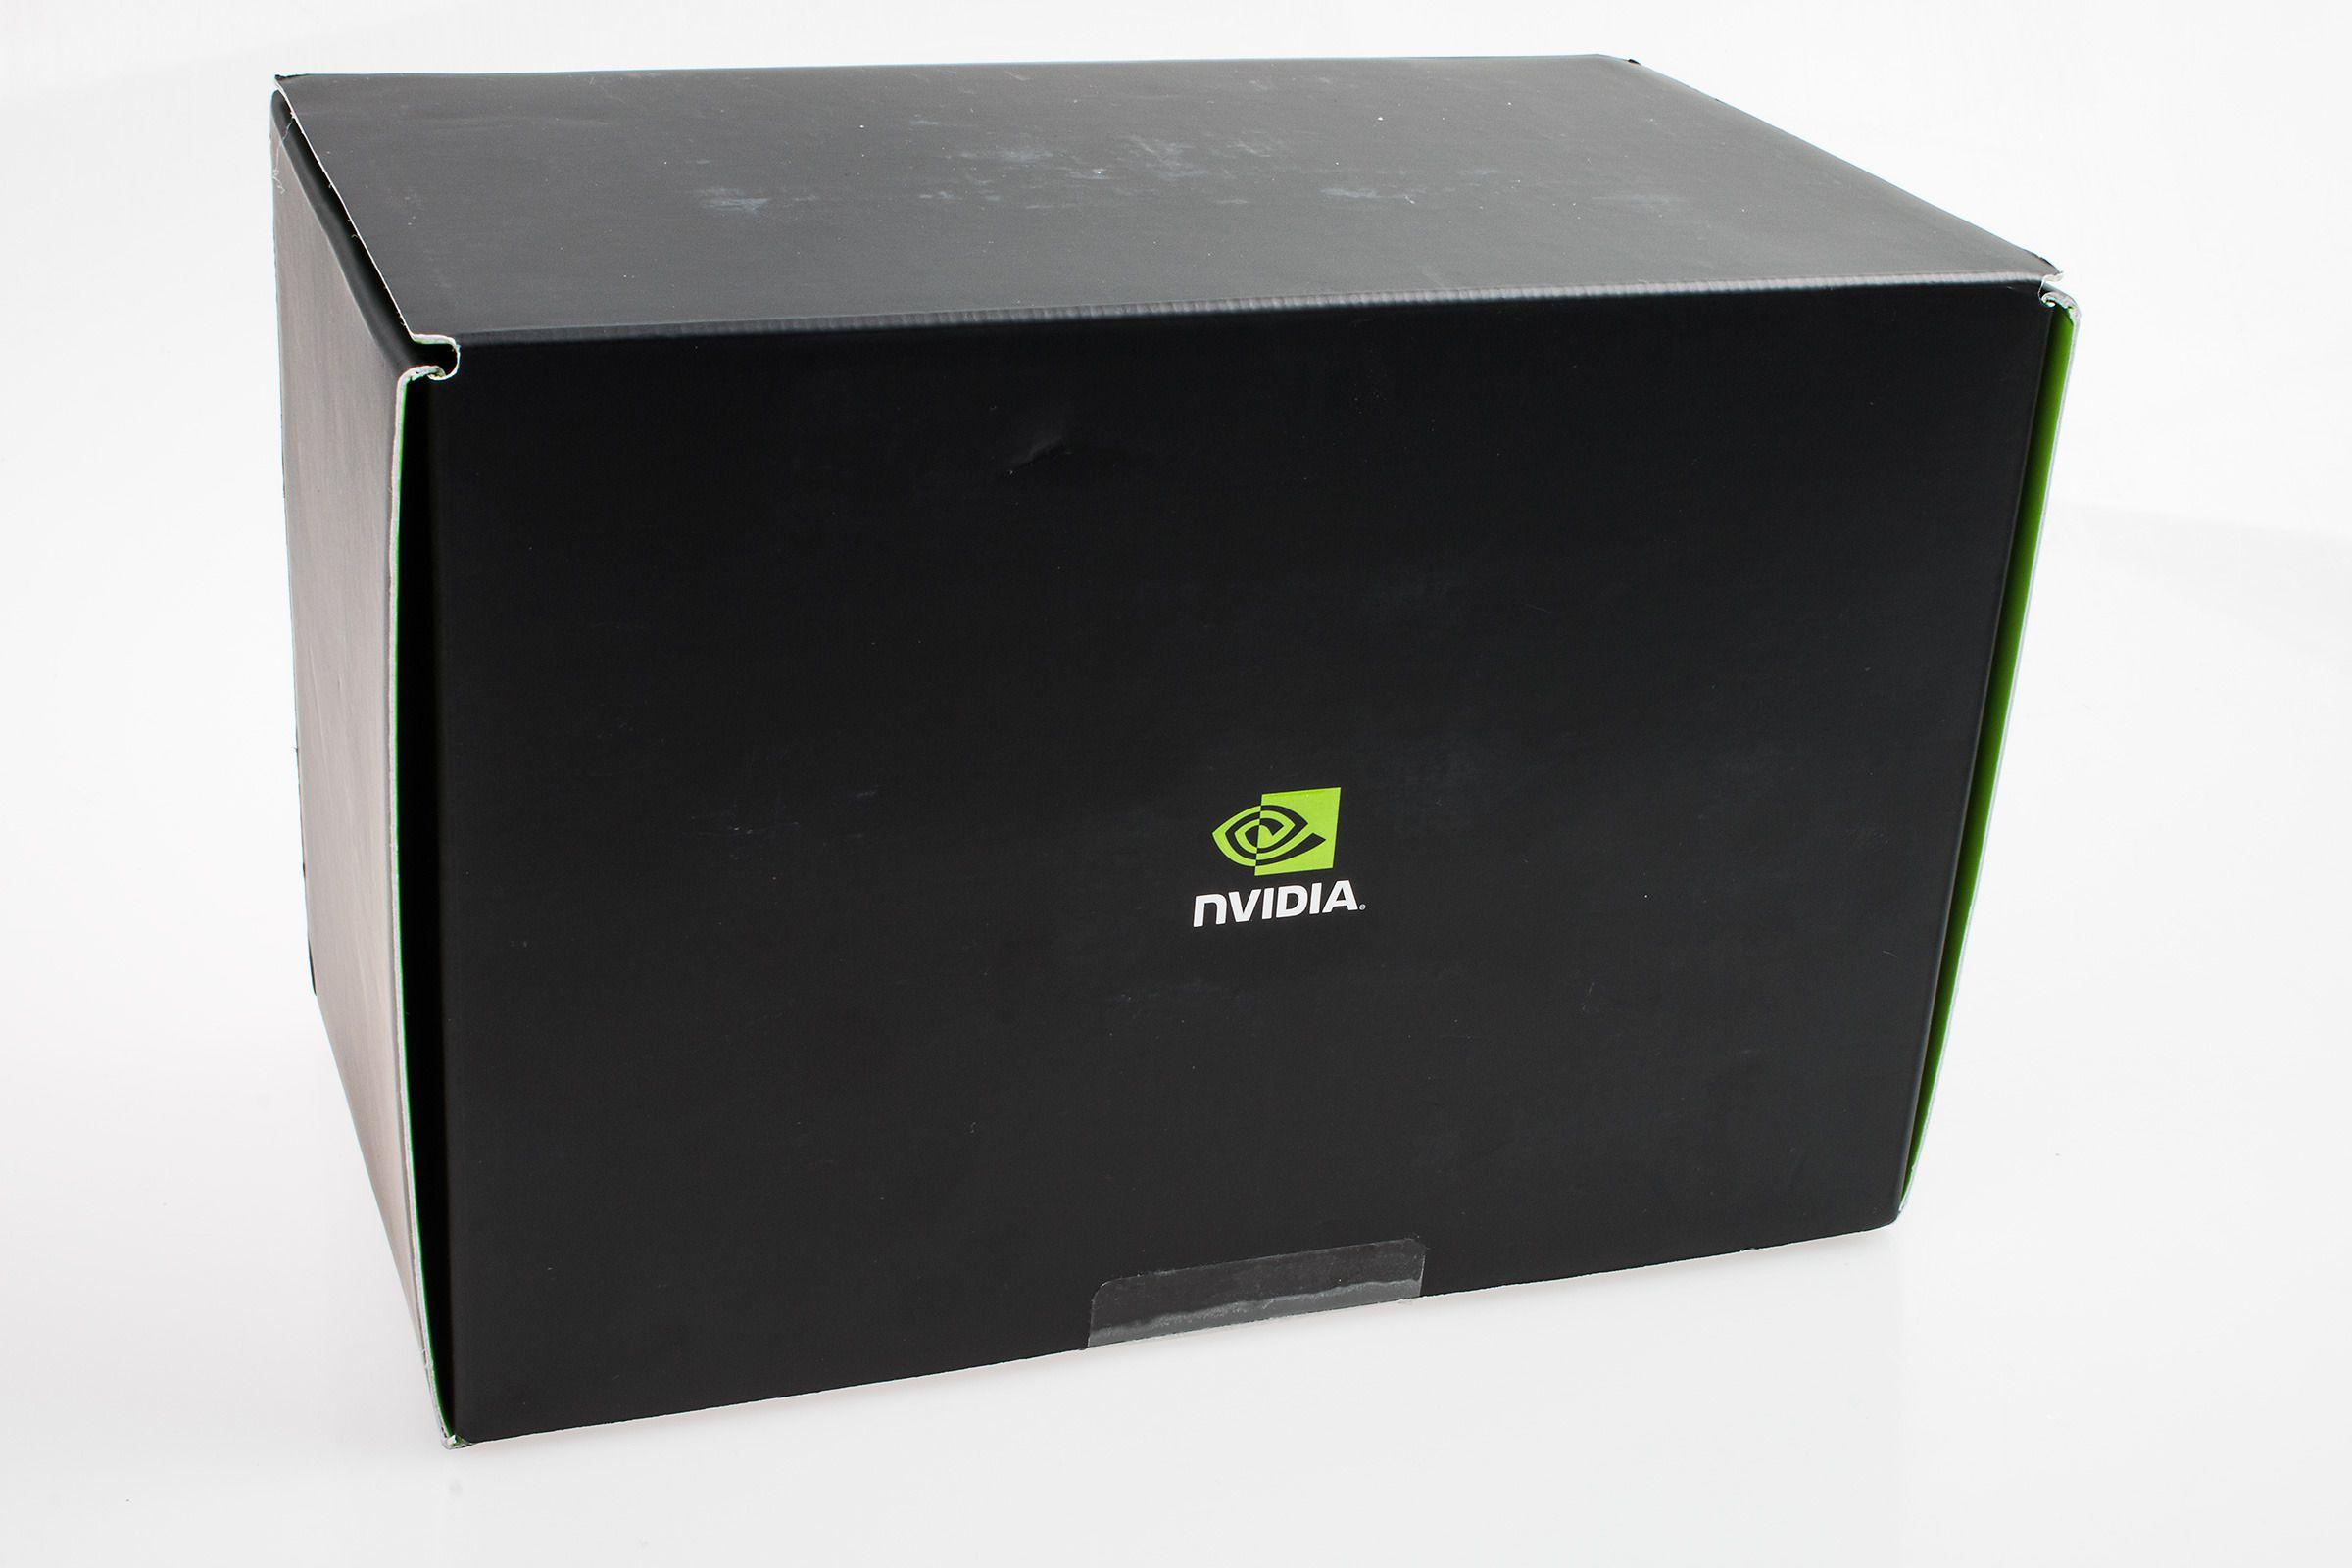 Vi mistenkte at denne anonyme boksen, uten noen markeringer bortsett fra Nvidias logo, inneholdt vårt Shield Tablet – men sikre var vi ikke.Foto: Varg Aamo, Hardware.no